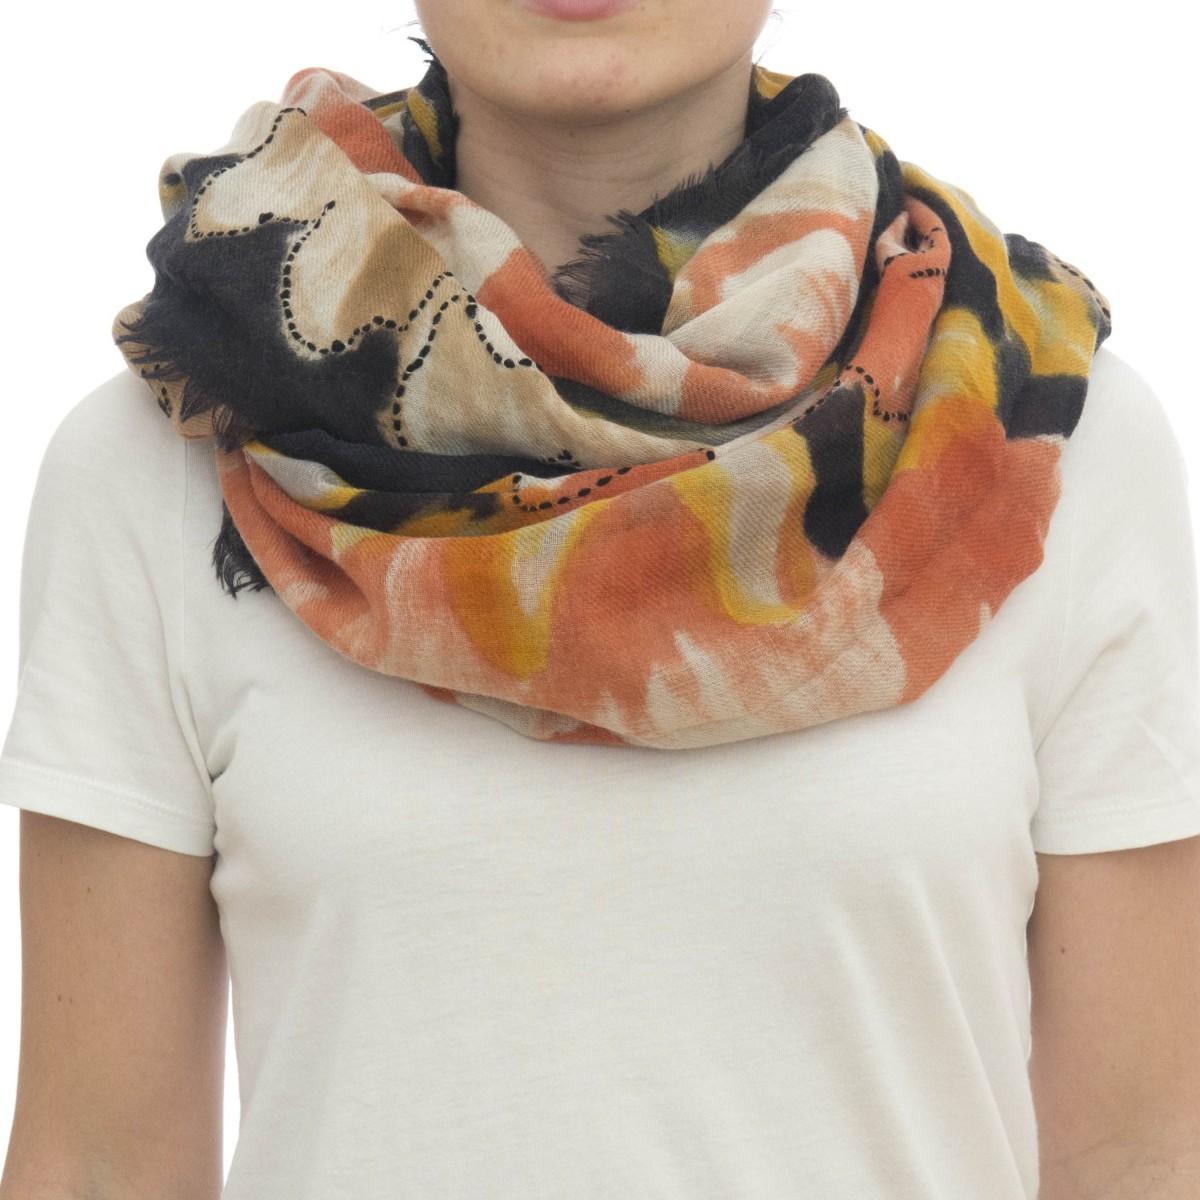 スカーフ-Giglio 7036 105 x 190、100%ウール